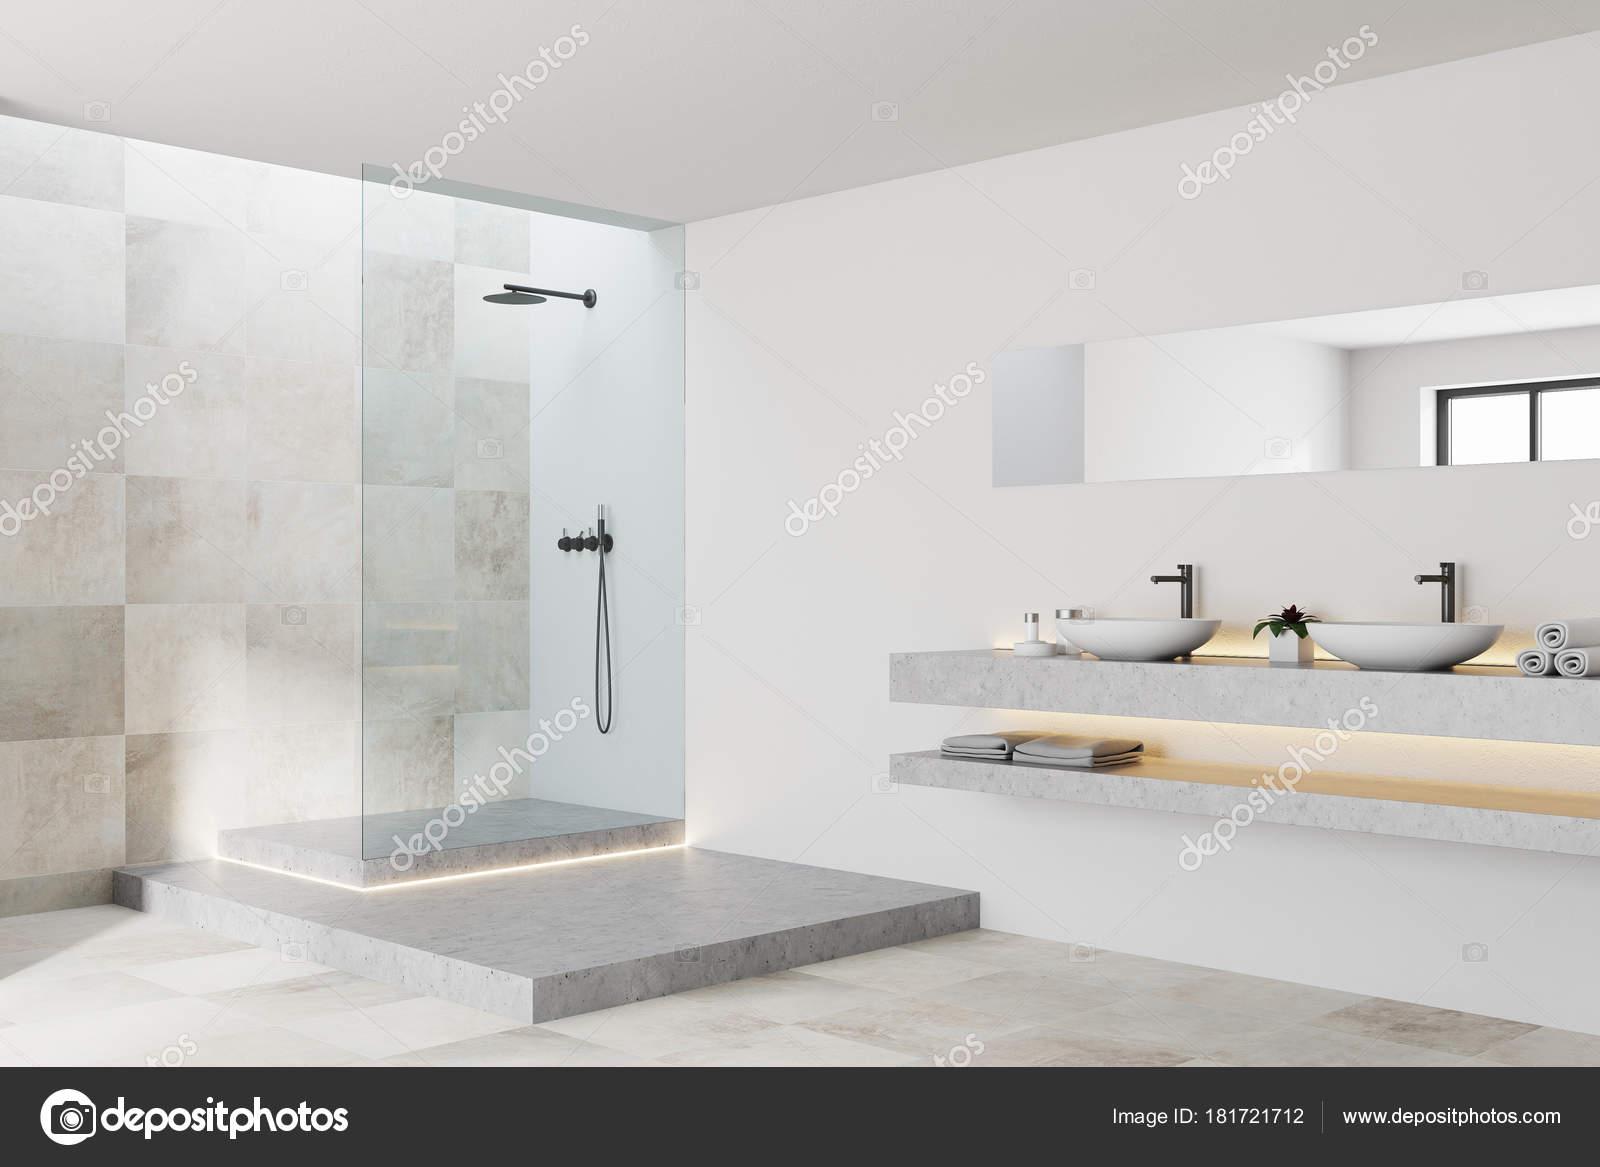 Lato interno bianco e piastrelle bagno u2014 foto stock © denisismagilov